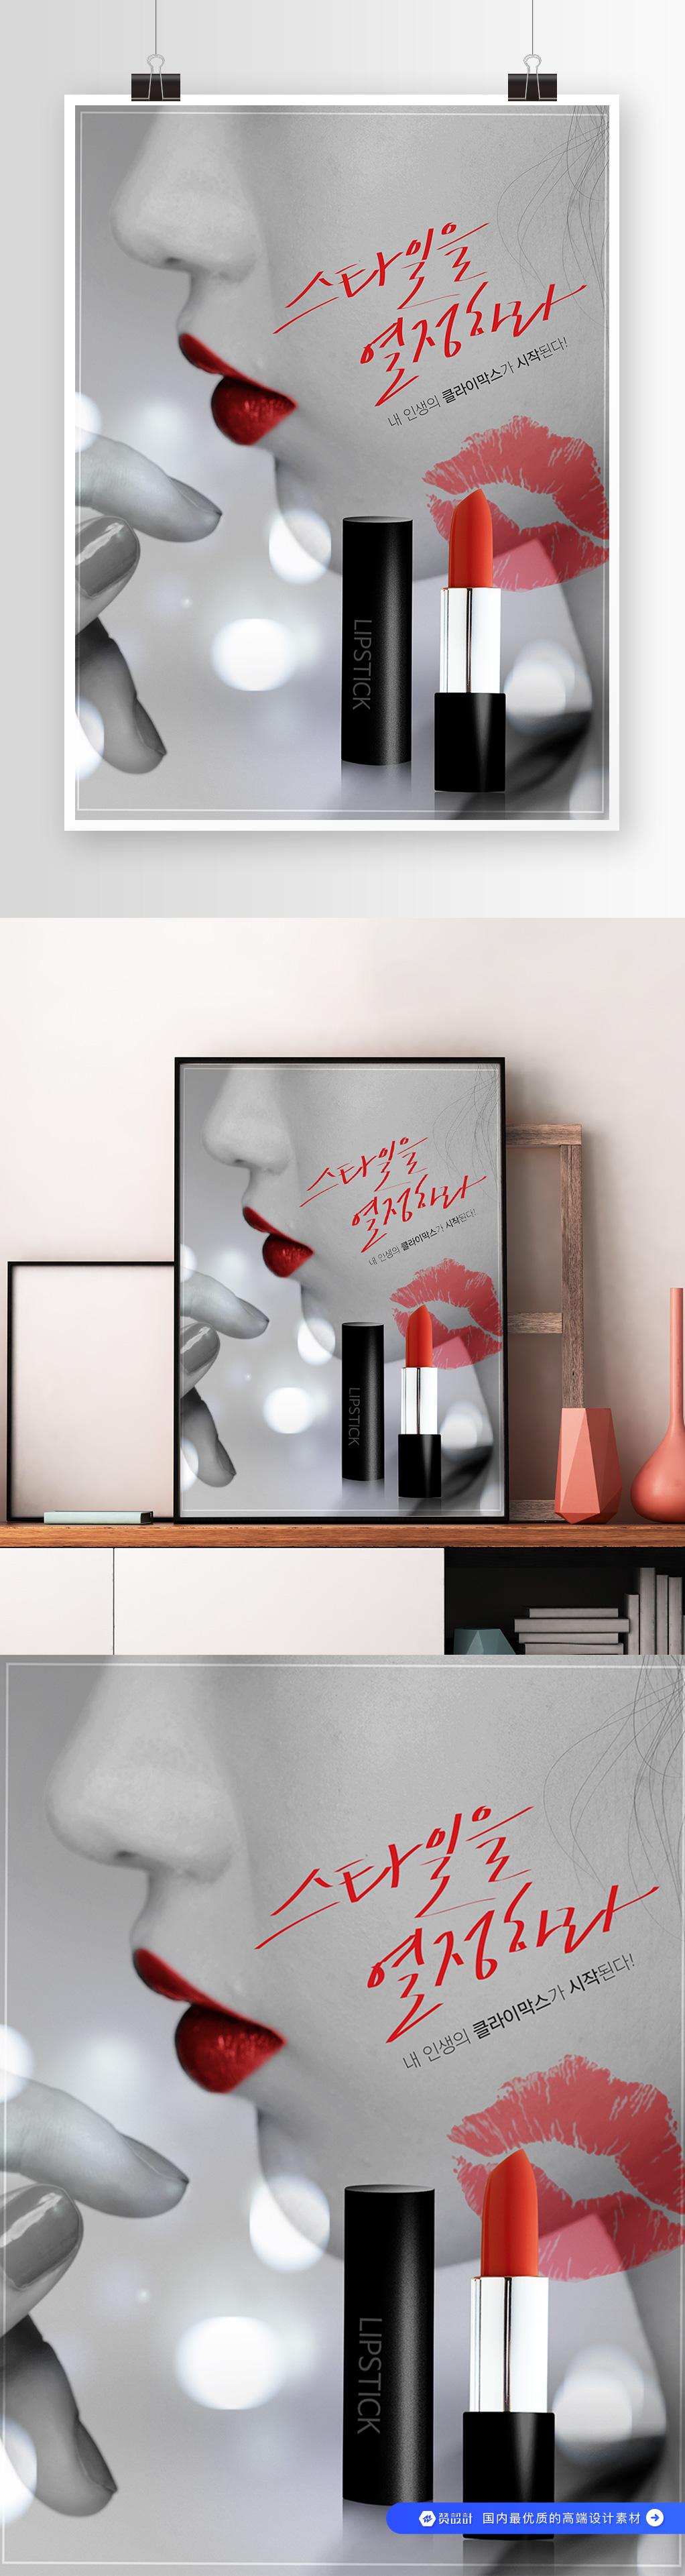 高端黑色口红唇膏产品化妆品海报